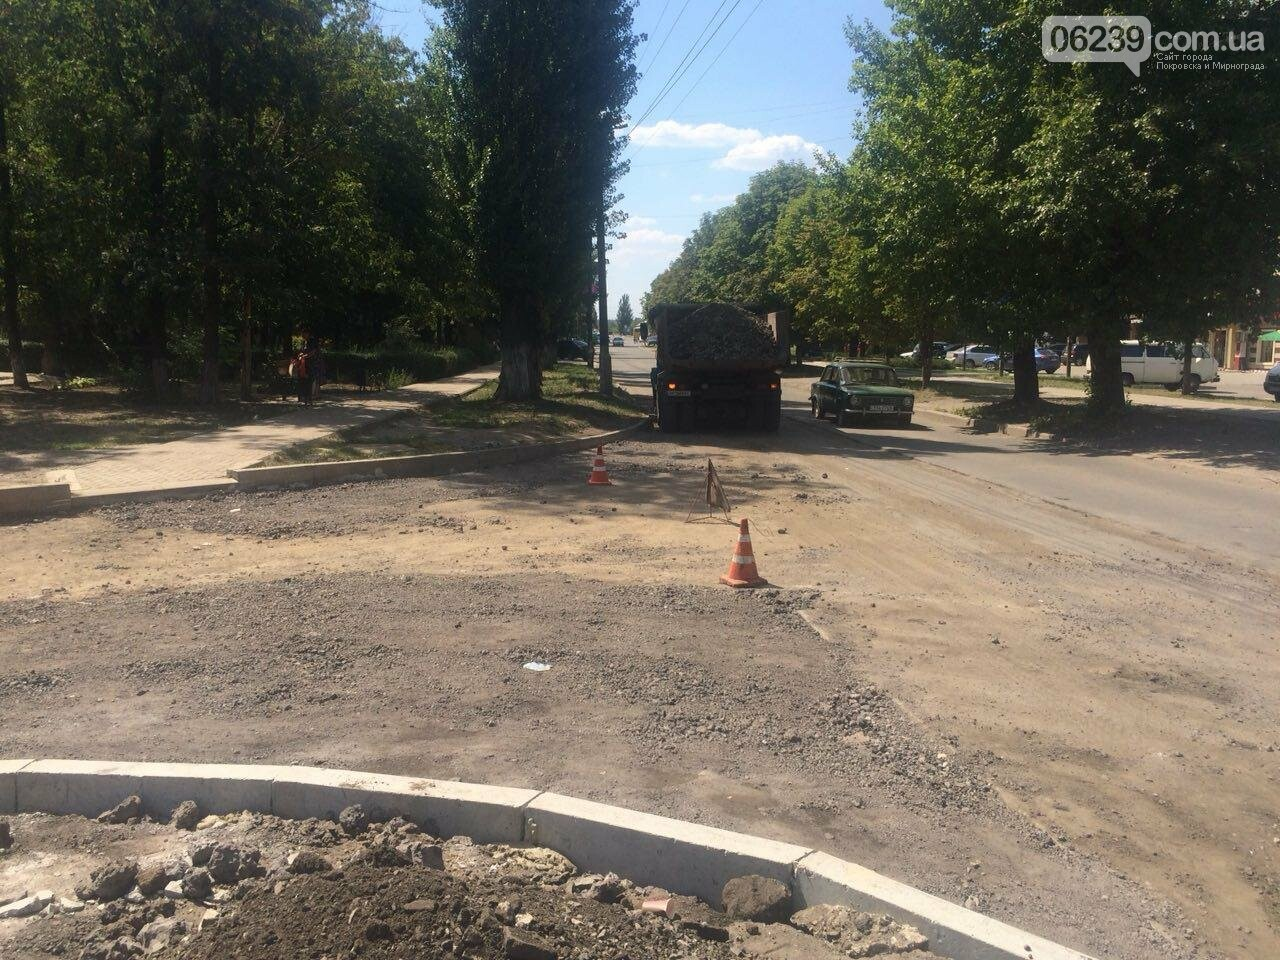 """В Мирнограде возле амбулатории на """"Молодёжном"""" проводят капитальный ремонт дорожного покрытия , фото-4"""